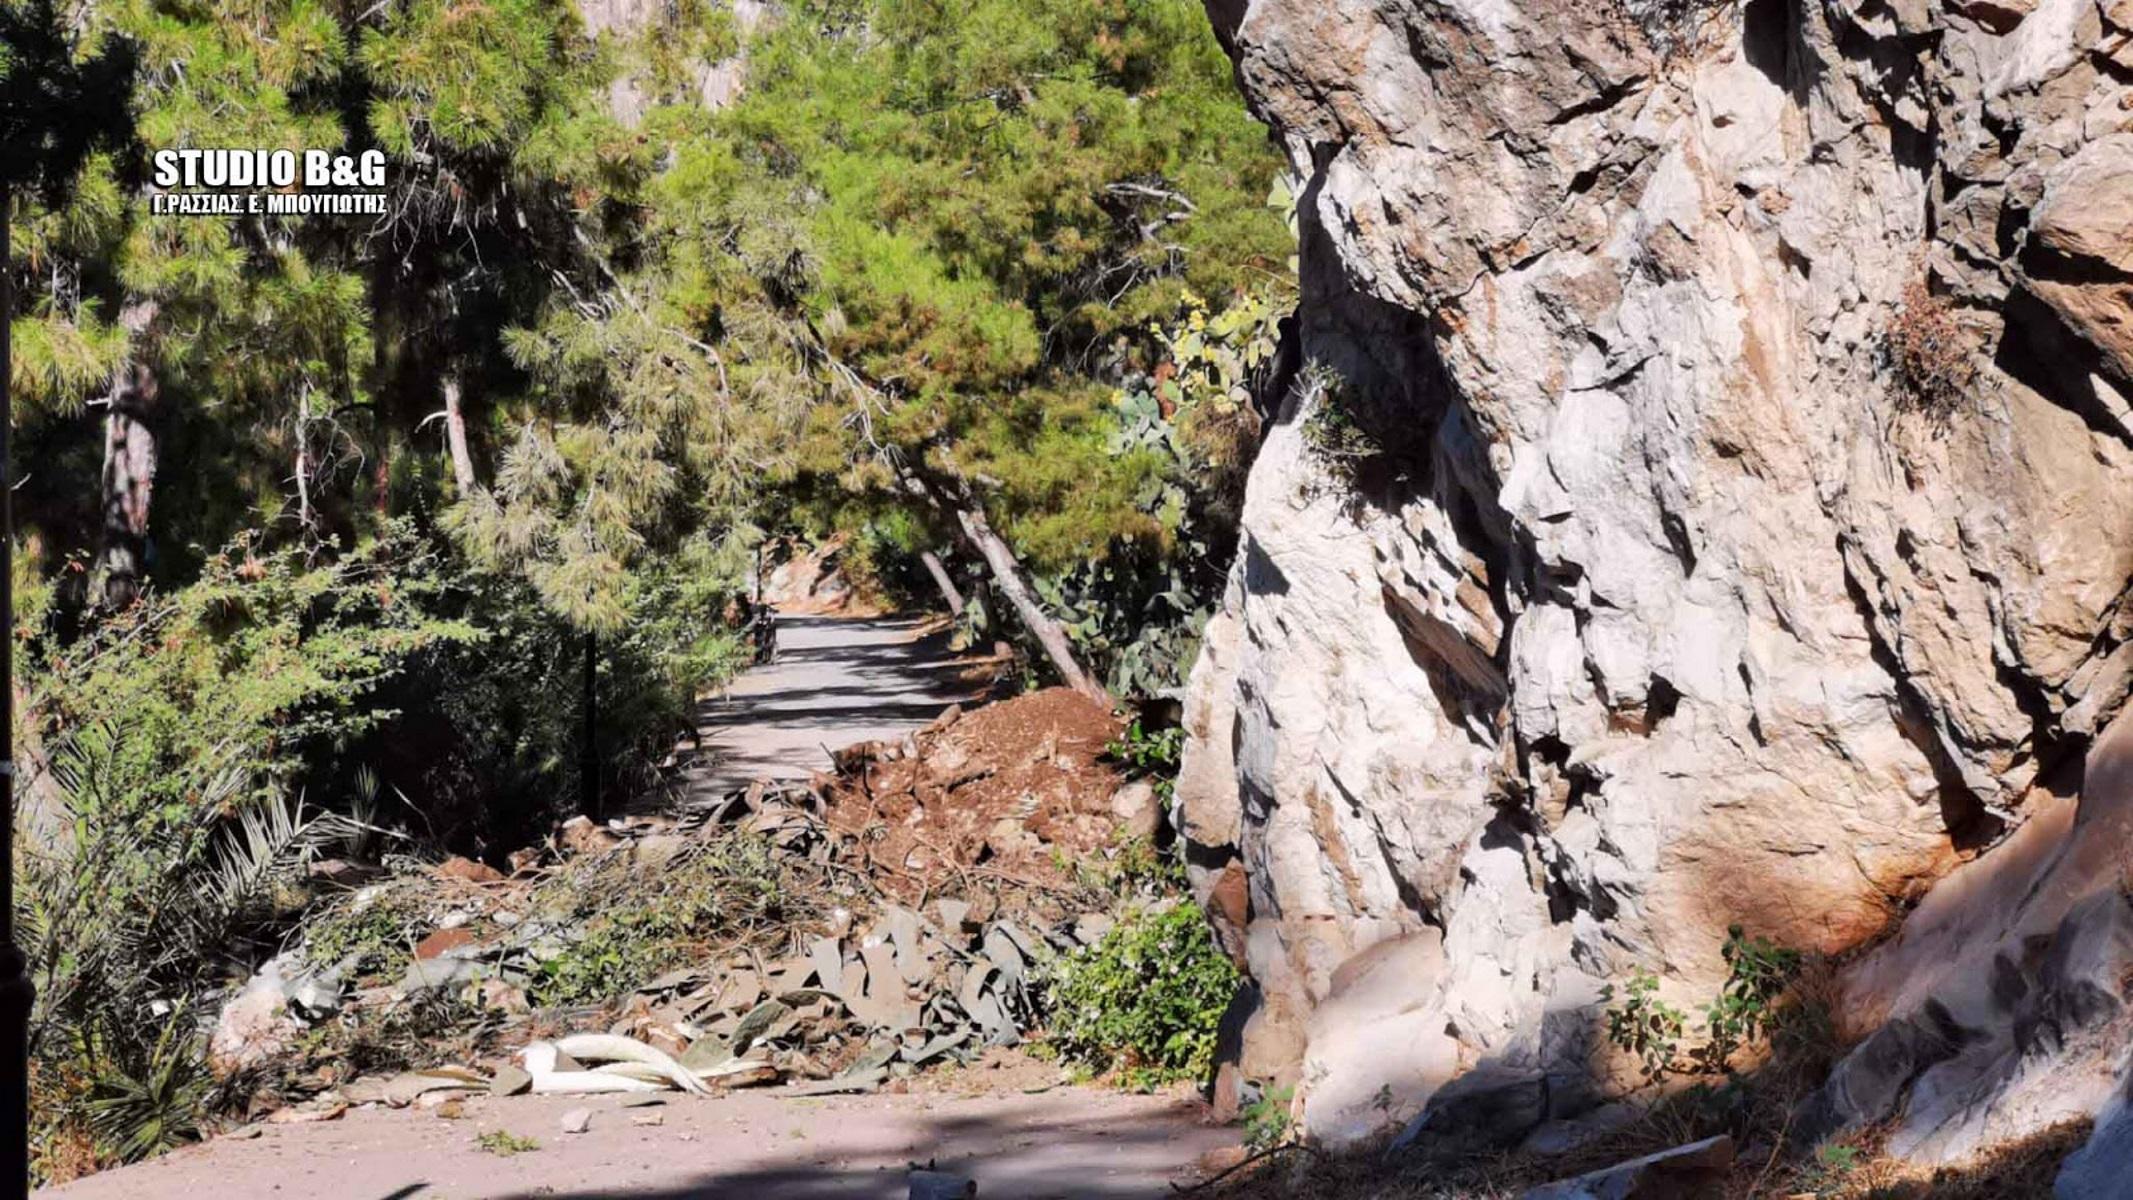 Ναύπλιο: Μεγάλη κατολίσθηση στο γύρο της Αρβανιτιάς